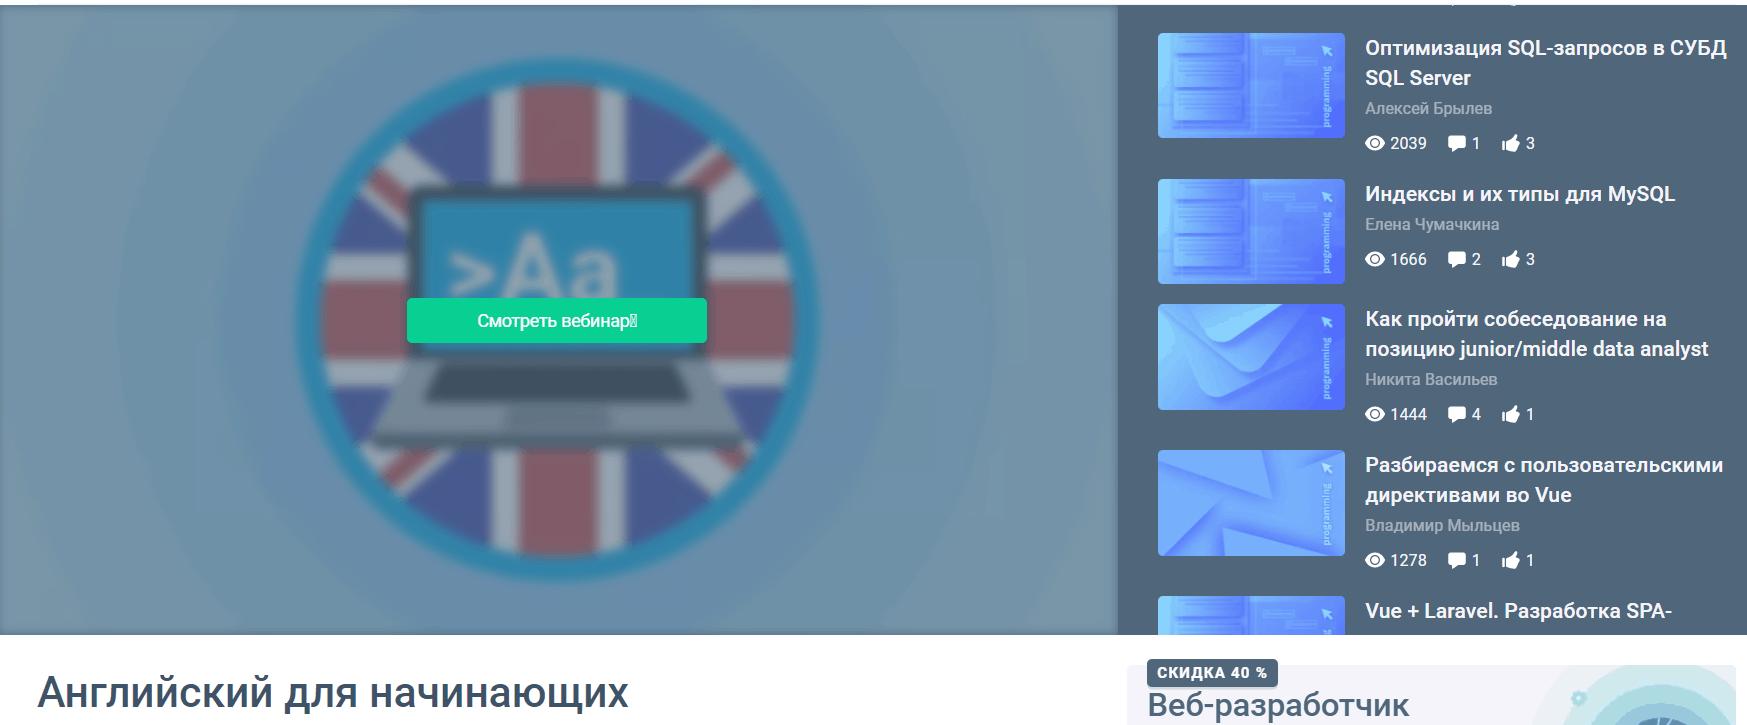 Английский для начинающих — Гикбрейнс